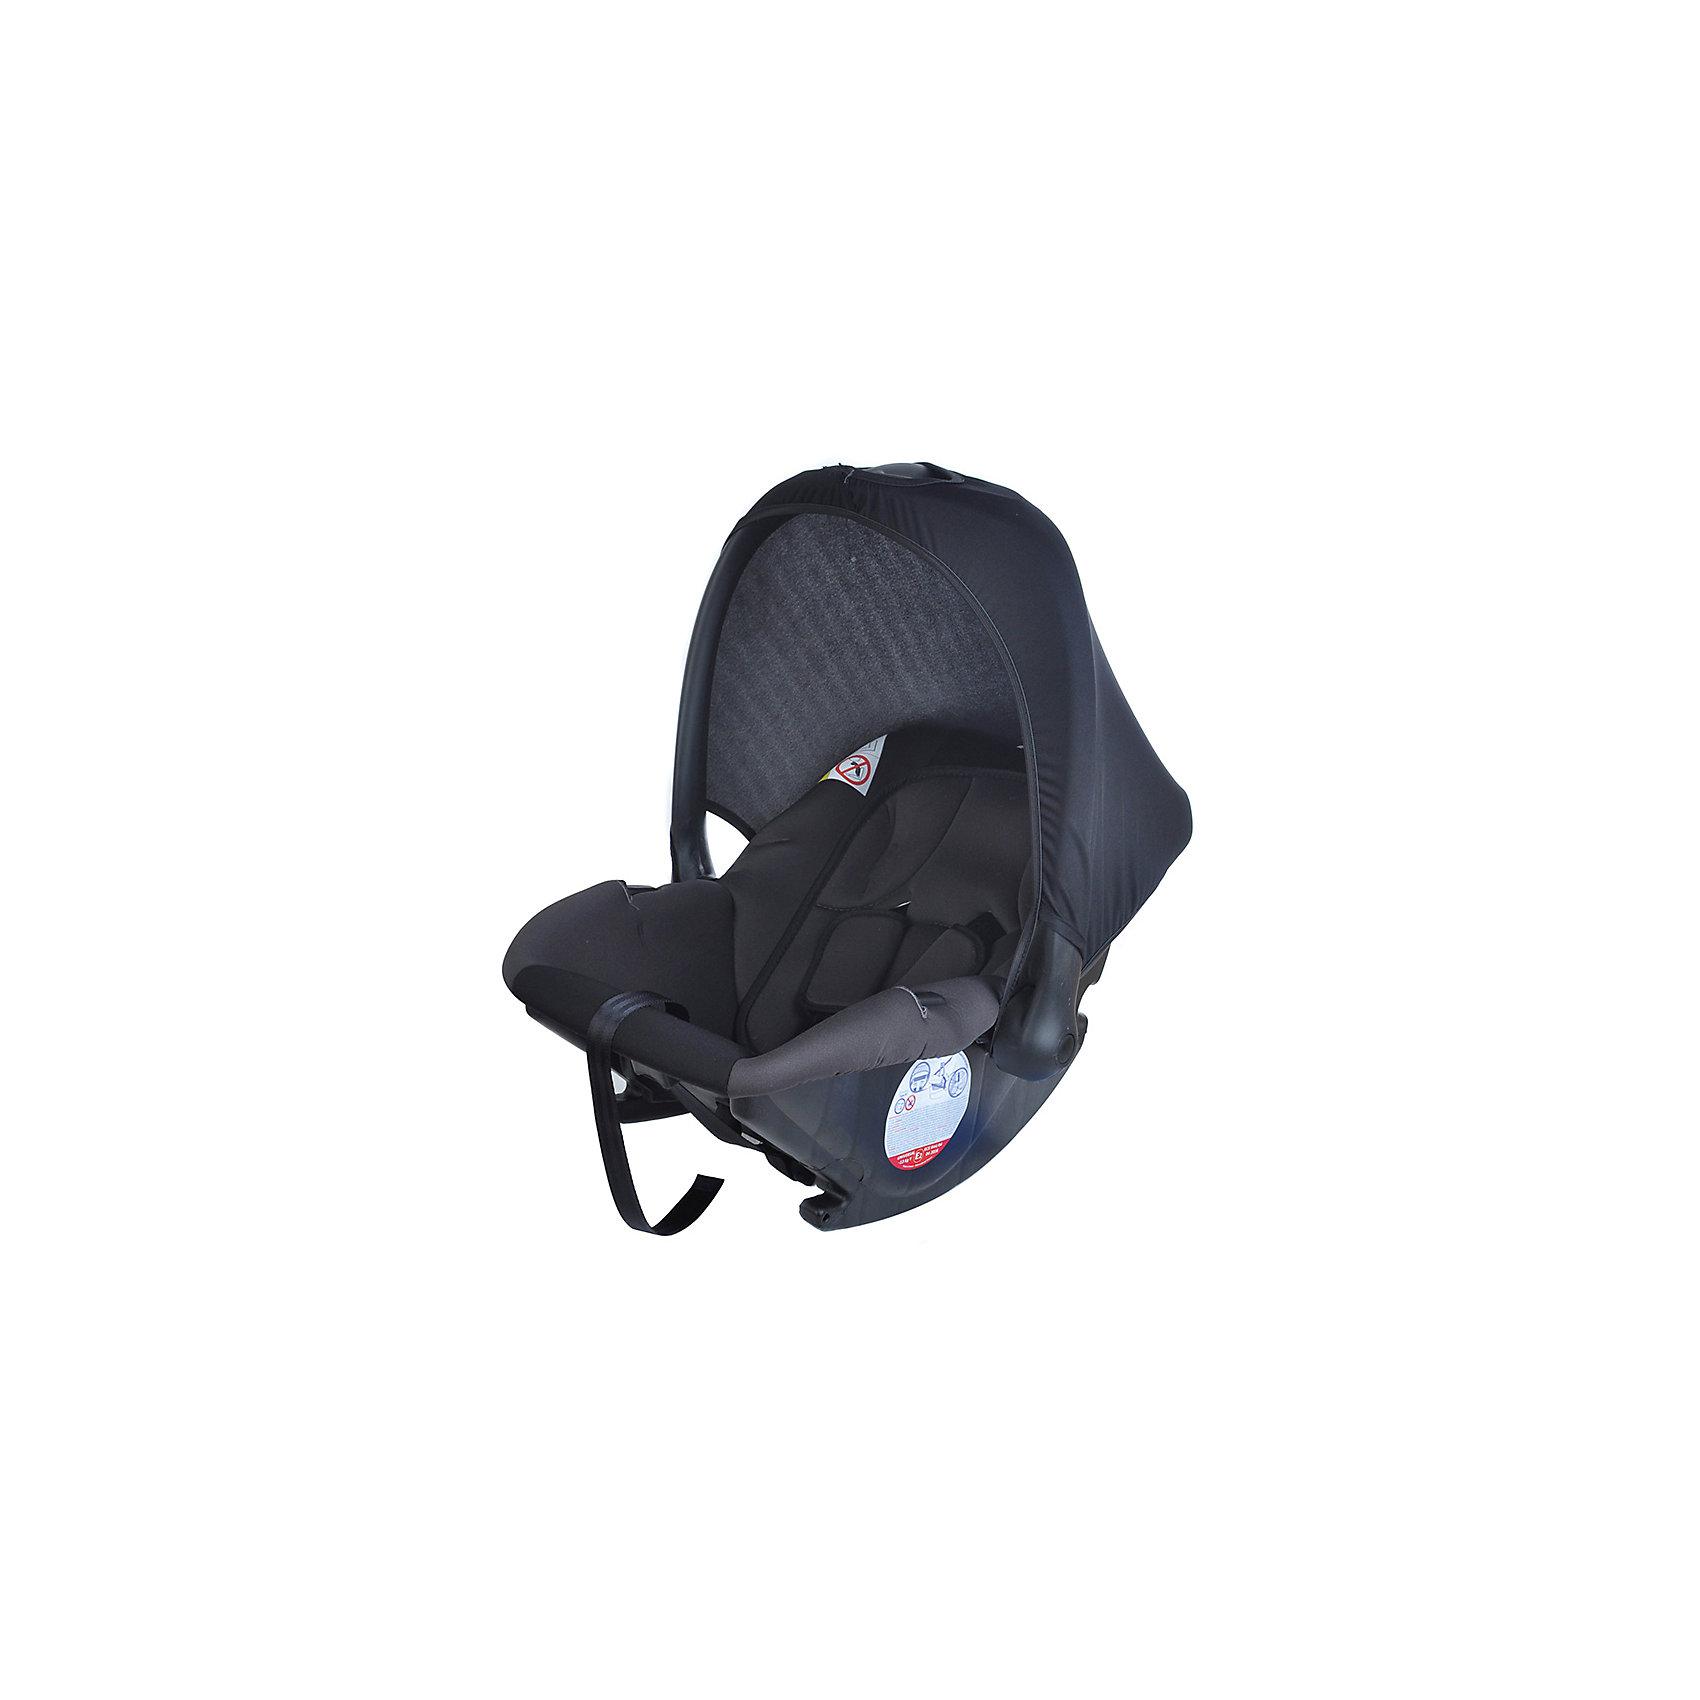 Автокресло Baby Ride 0-13 кг, ROCK, Nania, серый